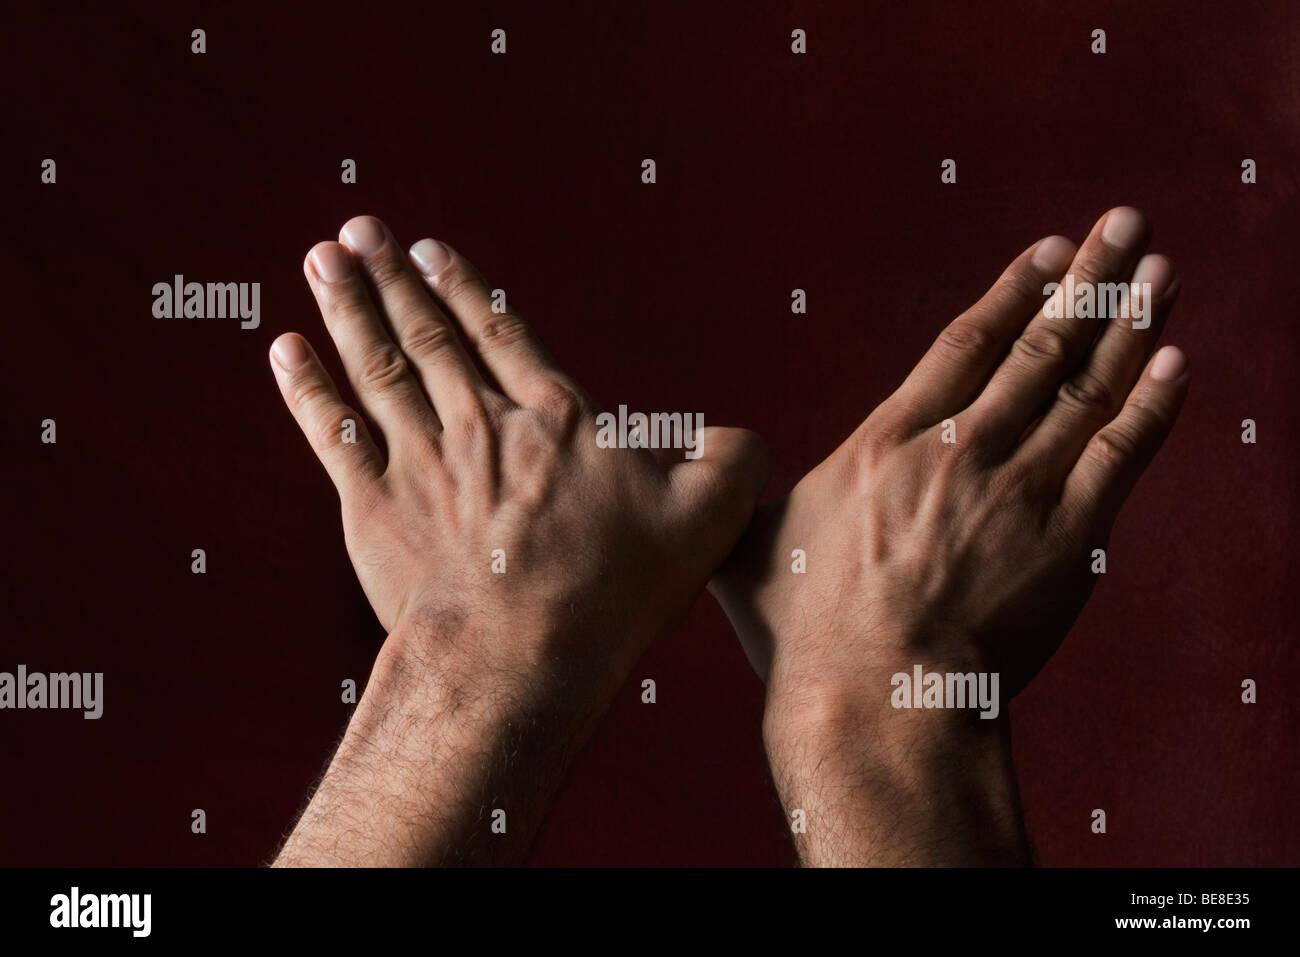 Las manos haciendo forma de aves Imagen De Stock